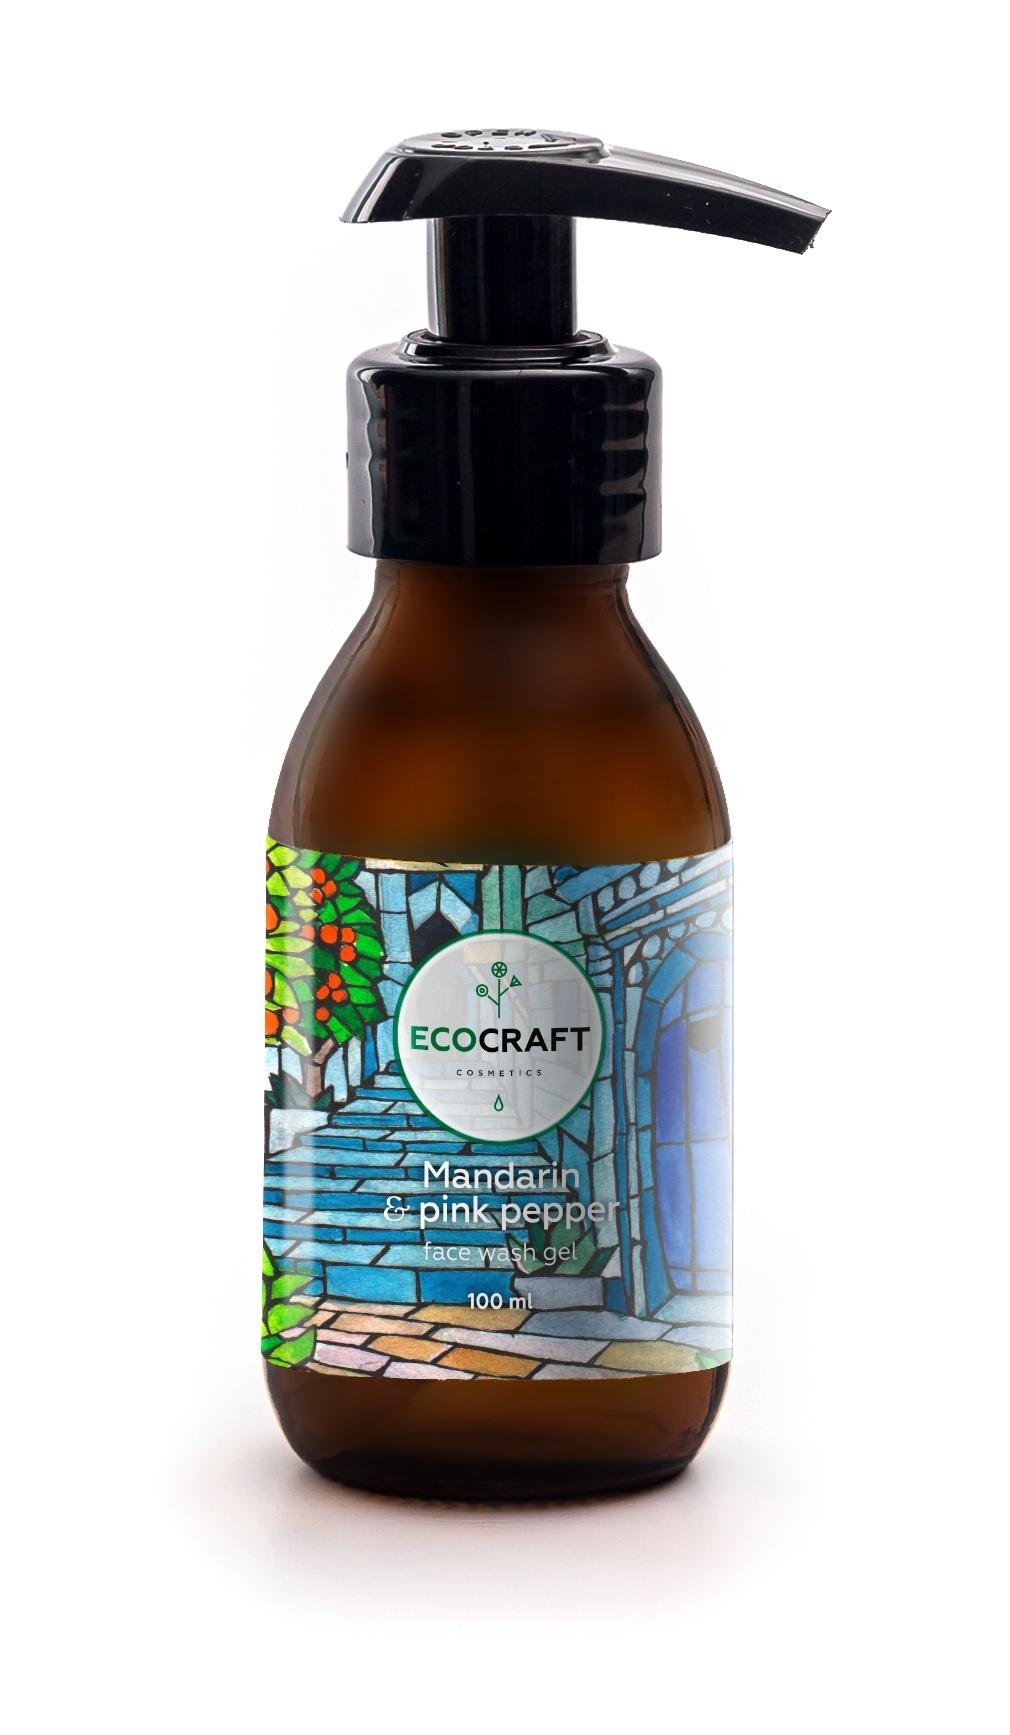 Гель для умывания для сухой и чувствительной кожи Манго и розовый имбирь, 100 мл, ECOCRAFT ECOCRAFT Cosmetics